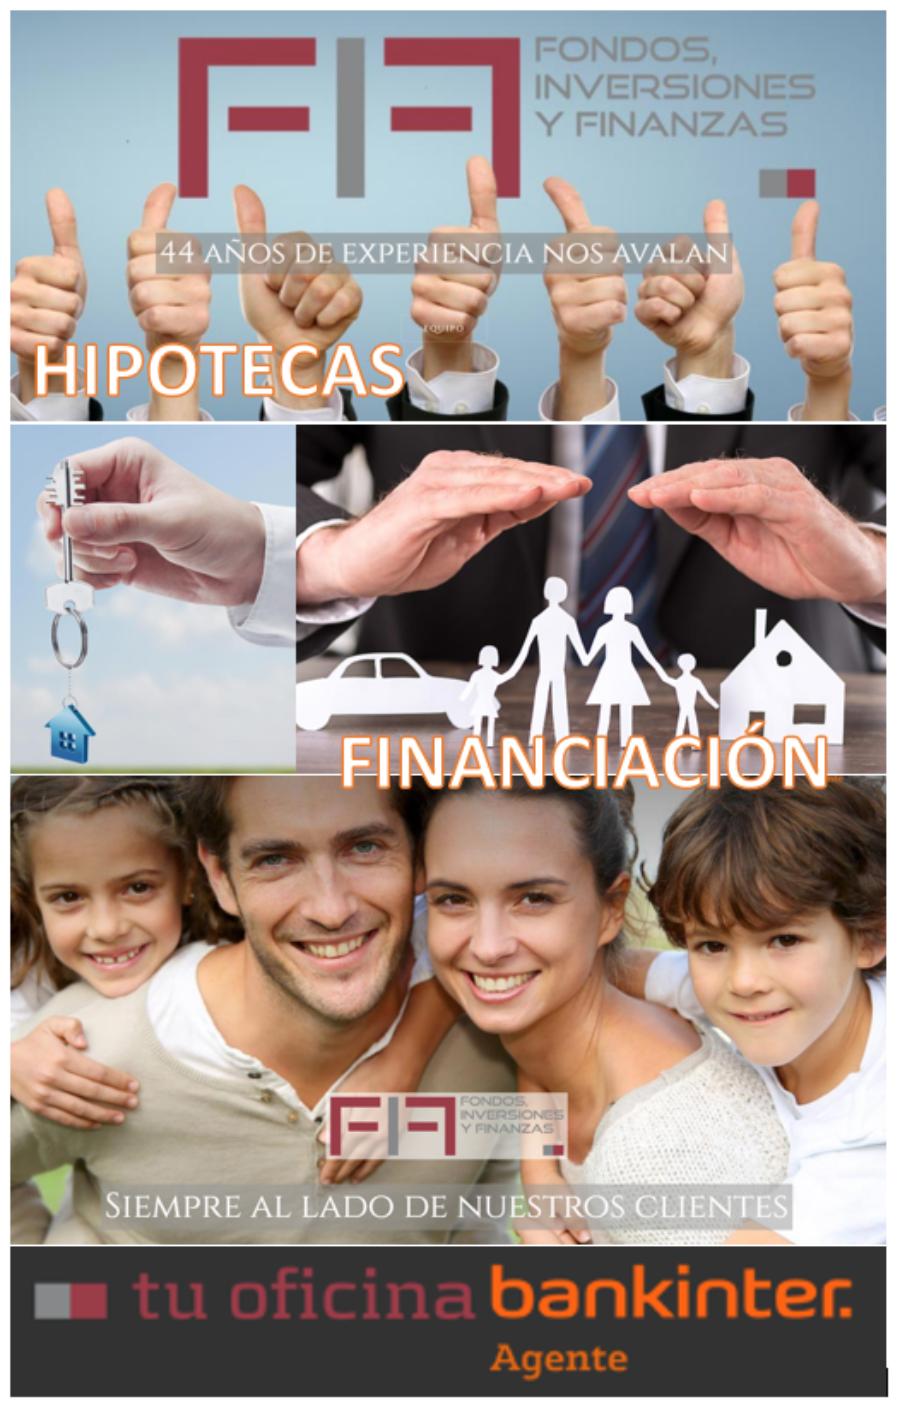 FIF: BANKINTER Y LA FIGURA DE AGENTE FINANCIERO, LA COMBINACIÓN PERFECTA PARA LA FINANCIACIÓN DE TUS PROYECTOS Y TUS SUEÑOS